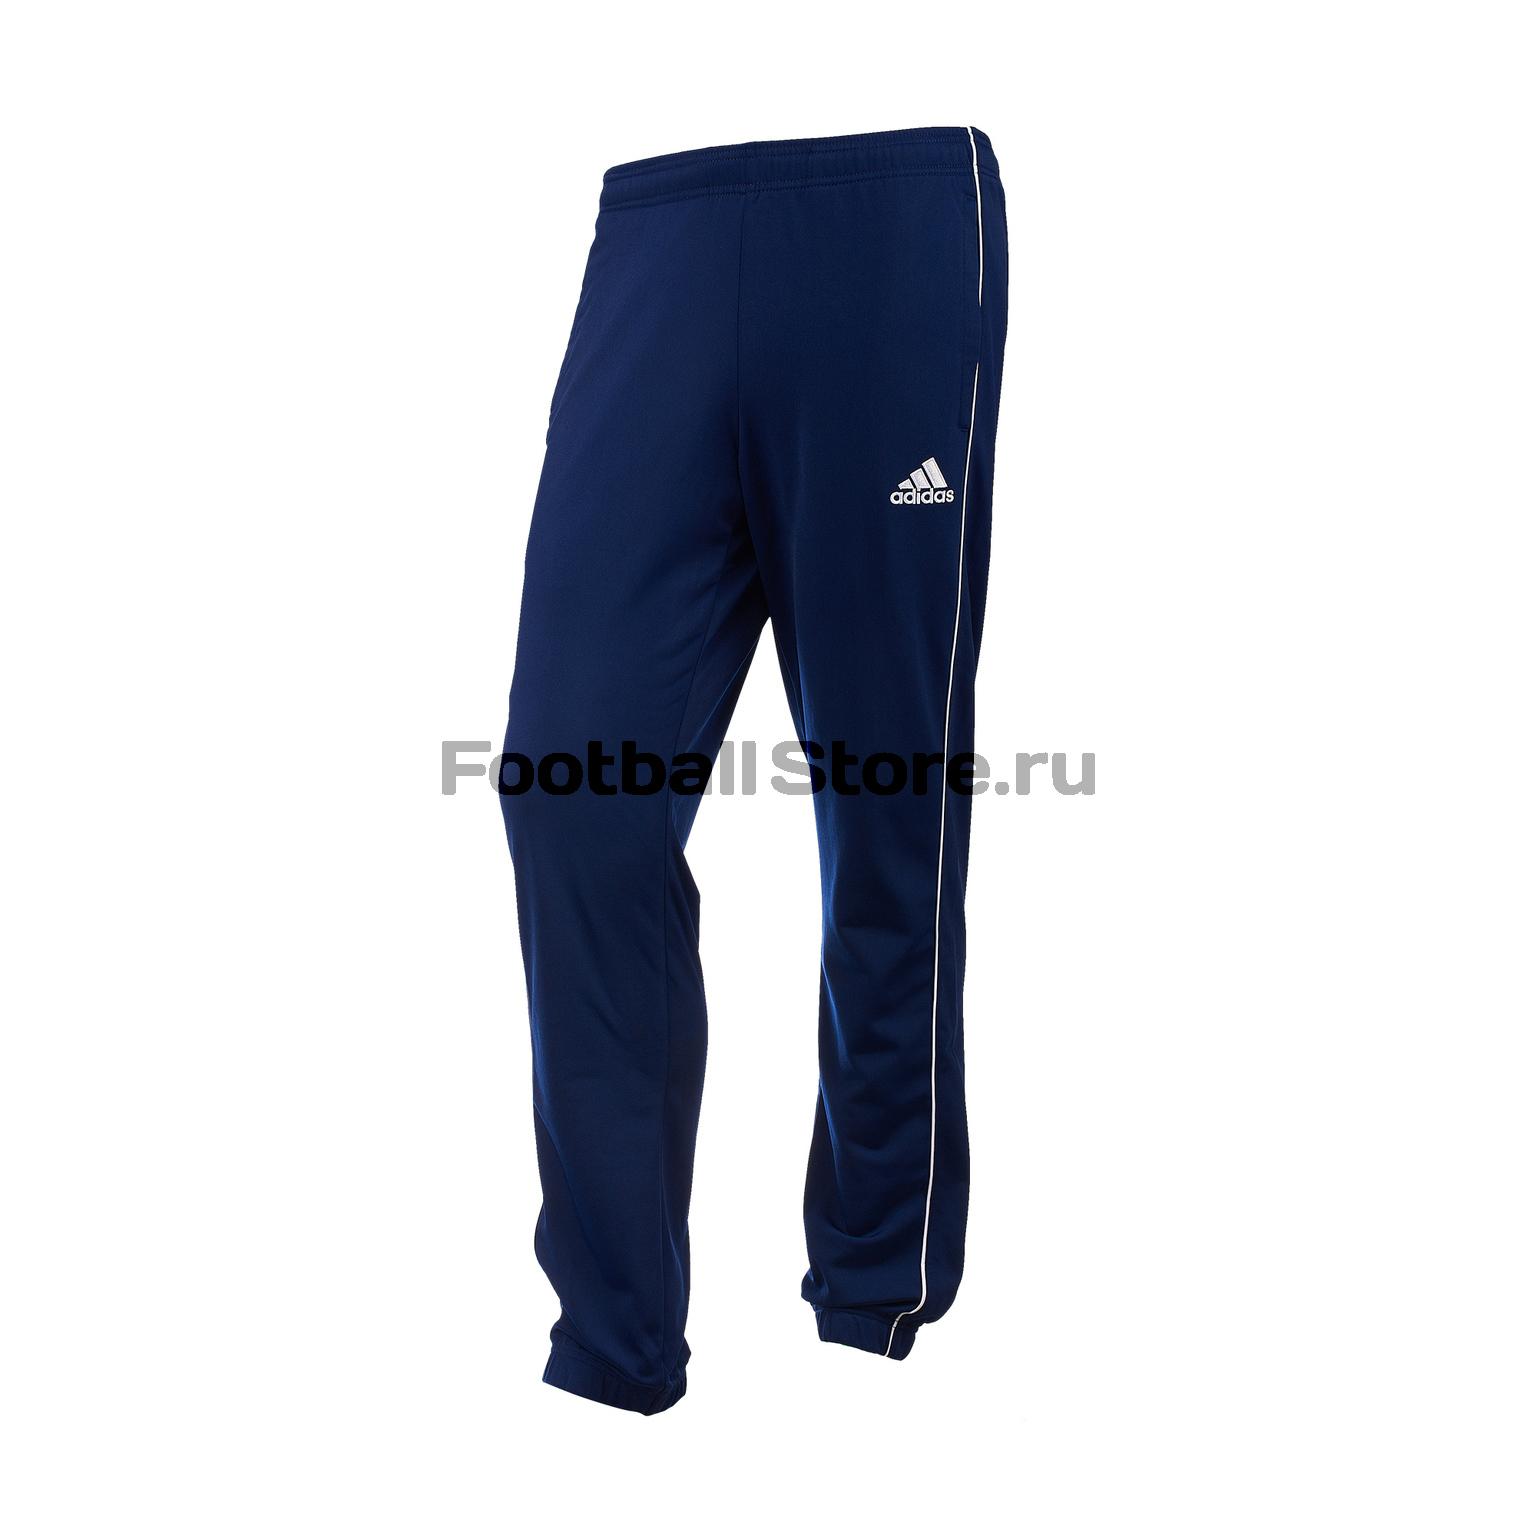 Брюки тренировочные Adidas Core18 Pes Pnt CV3585 брюки тренировочные adidas tiro17 swt pnt bq2678